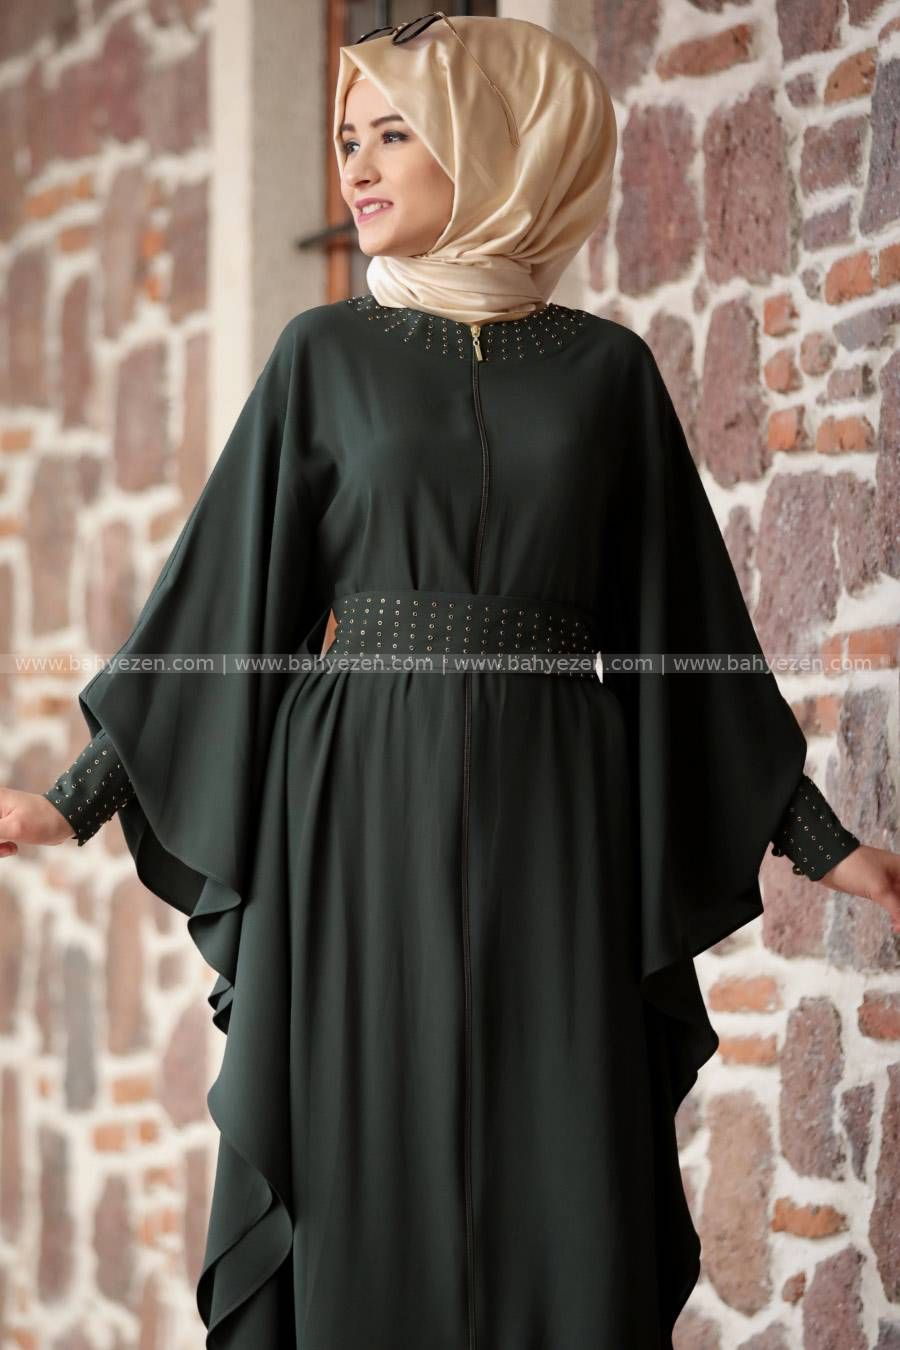 Tesettur Tesettur Giyim Abiye Elbise Ferace Bahyezen Elbise The Dress Giyim